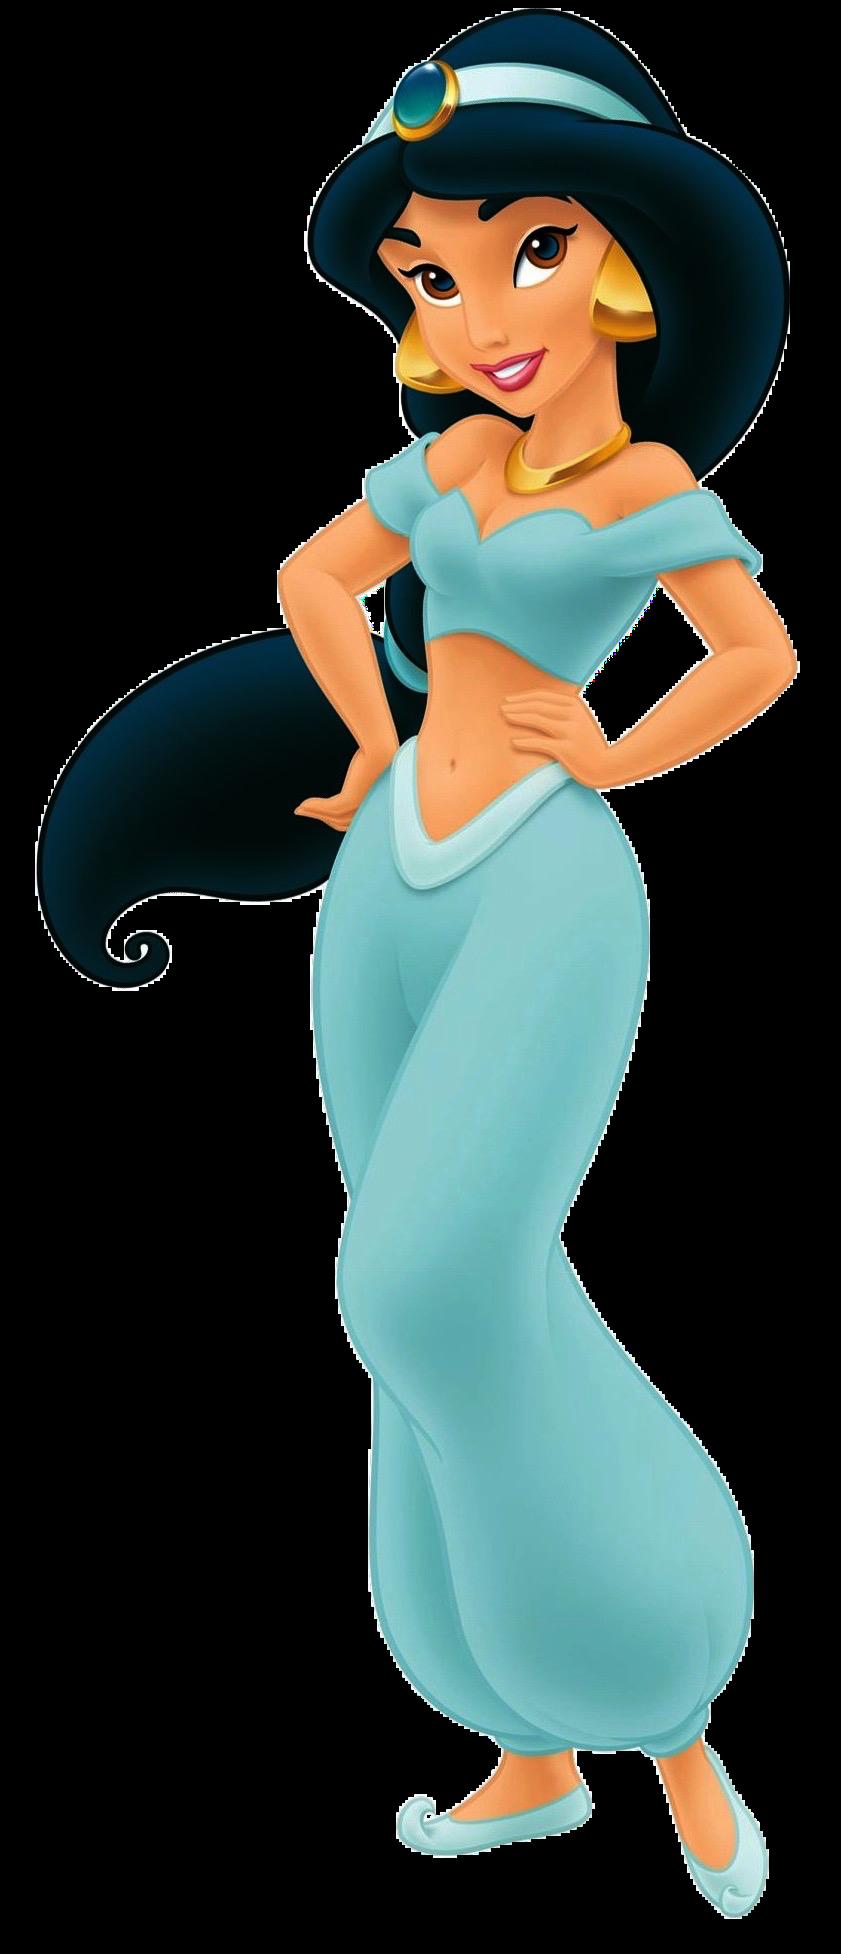 ...le notti d'oriente, giusto in quelle, molto buie, potete vestirvi da principessa Jasmine...